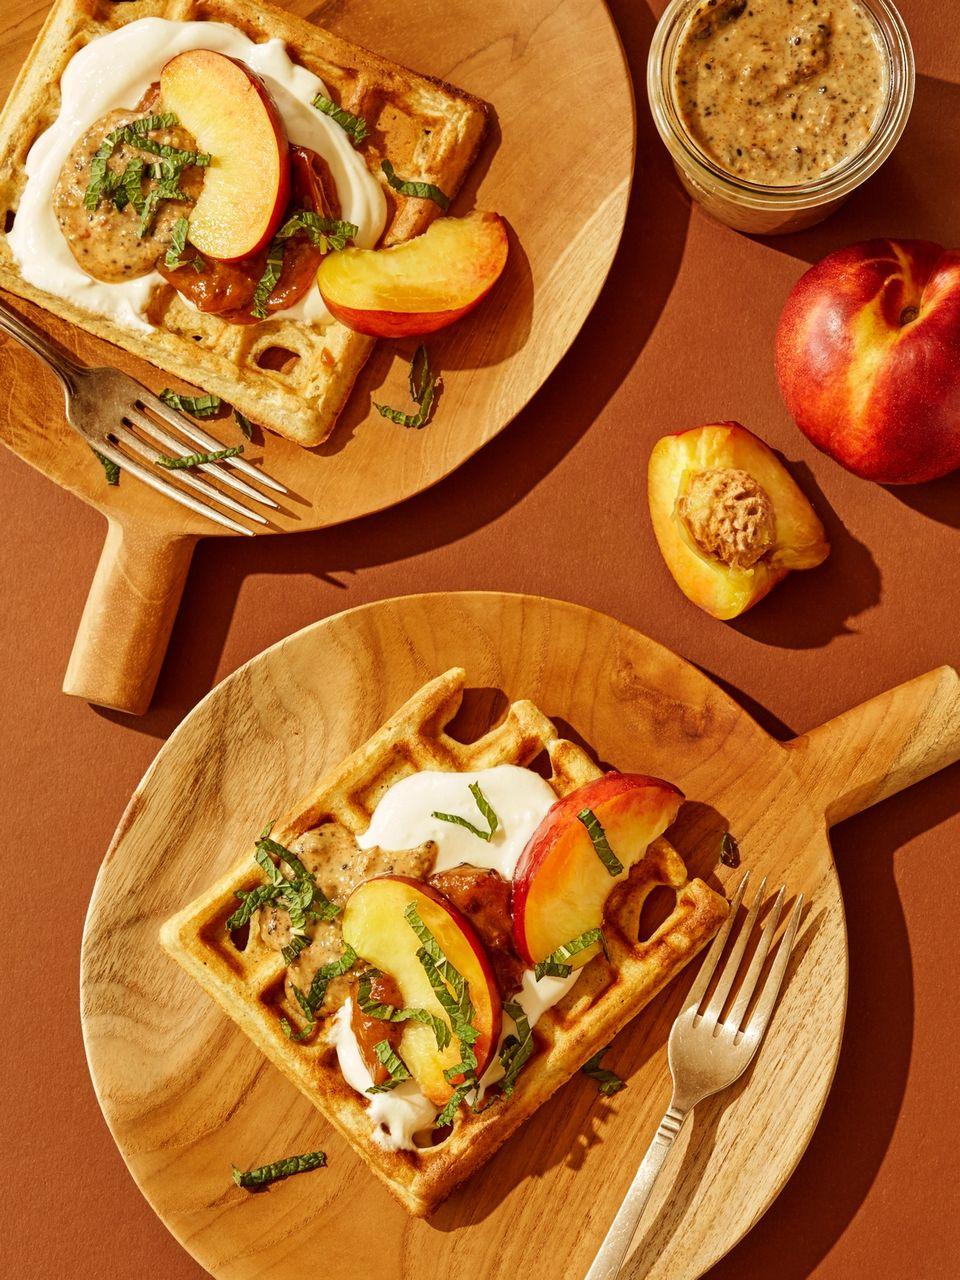 Mandelsmør redder frokosten både i hverdagen og helgen